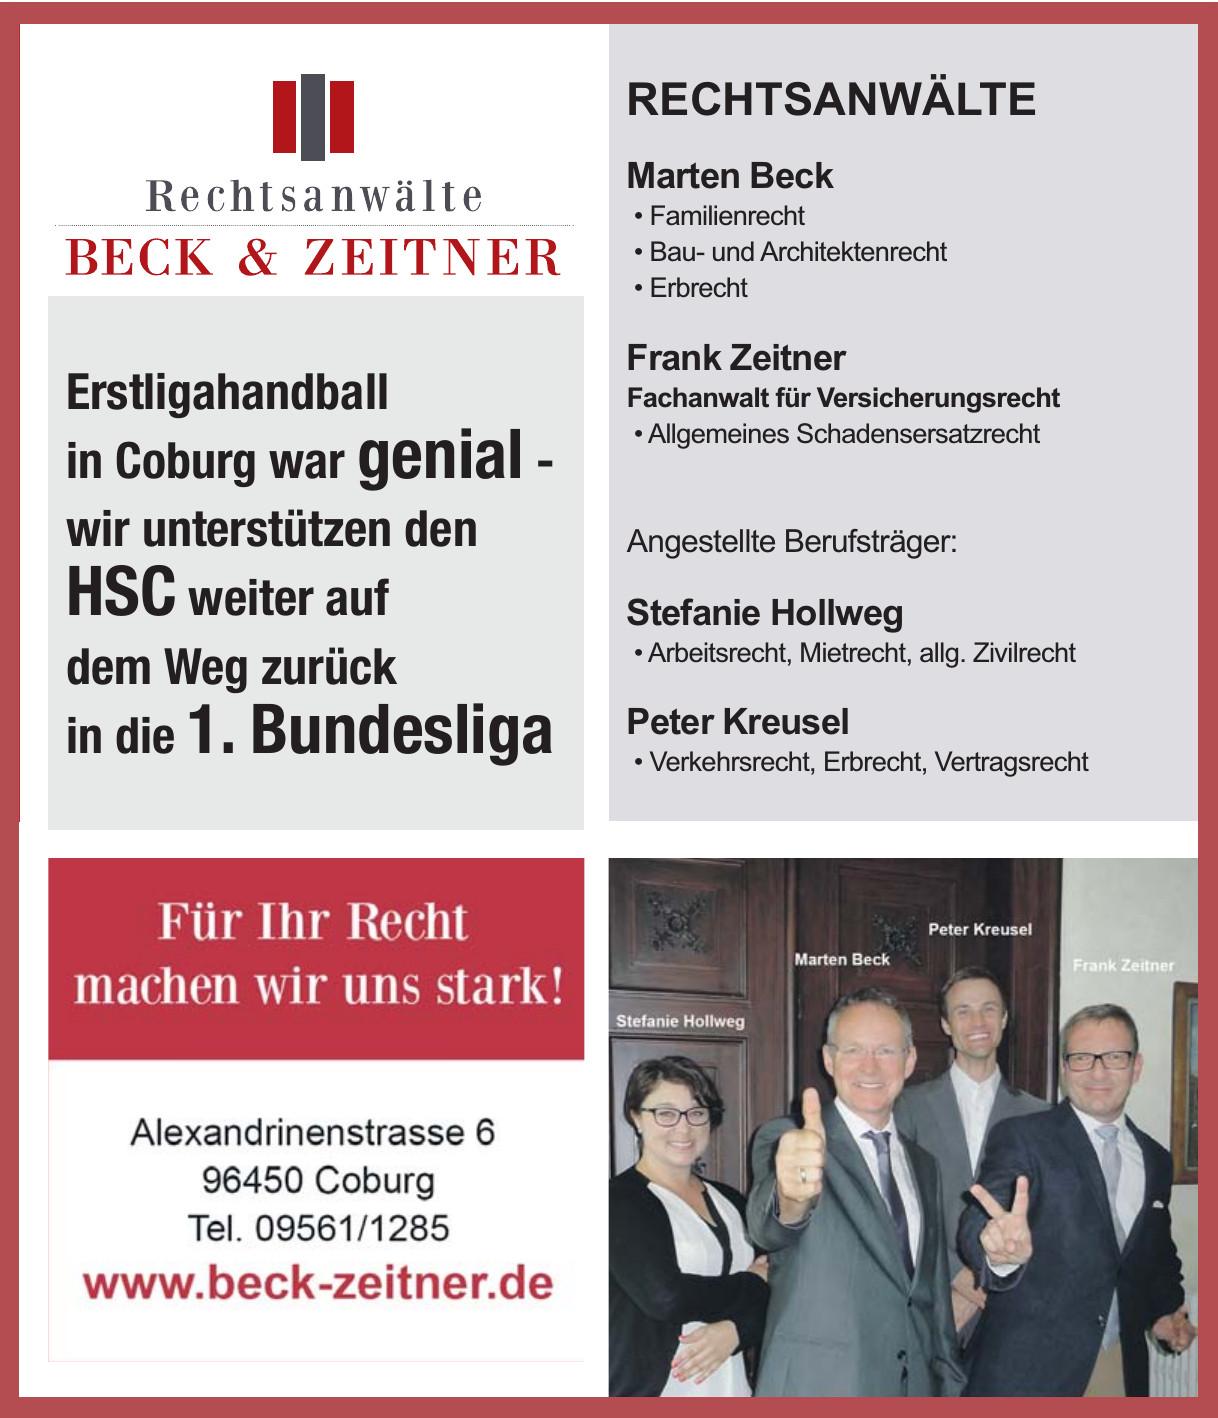 Beck & Zeitner Rechtsanwälte